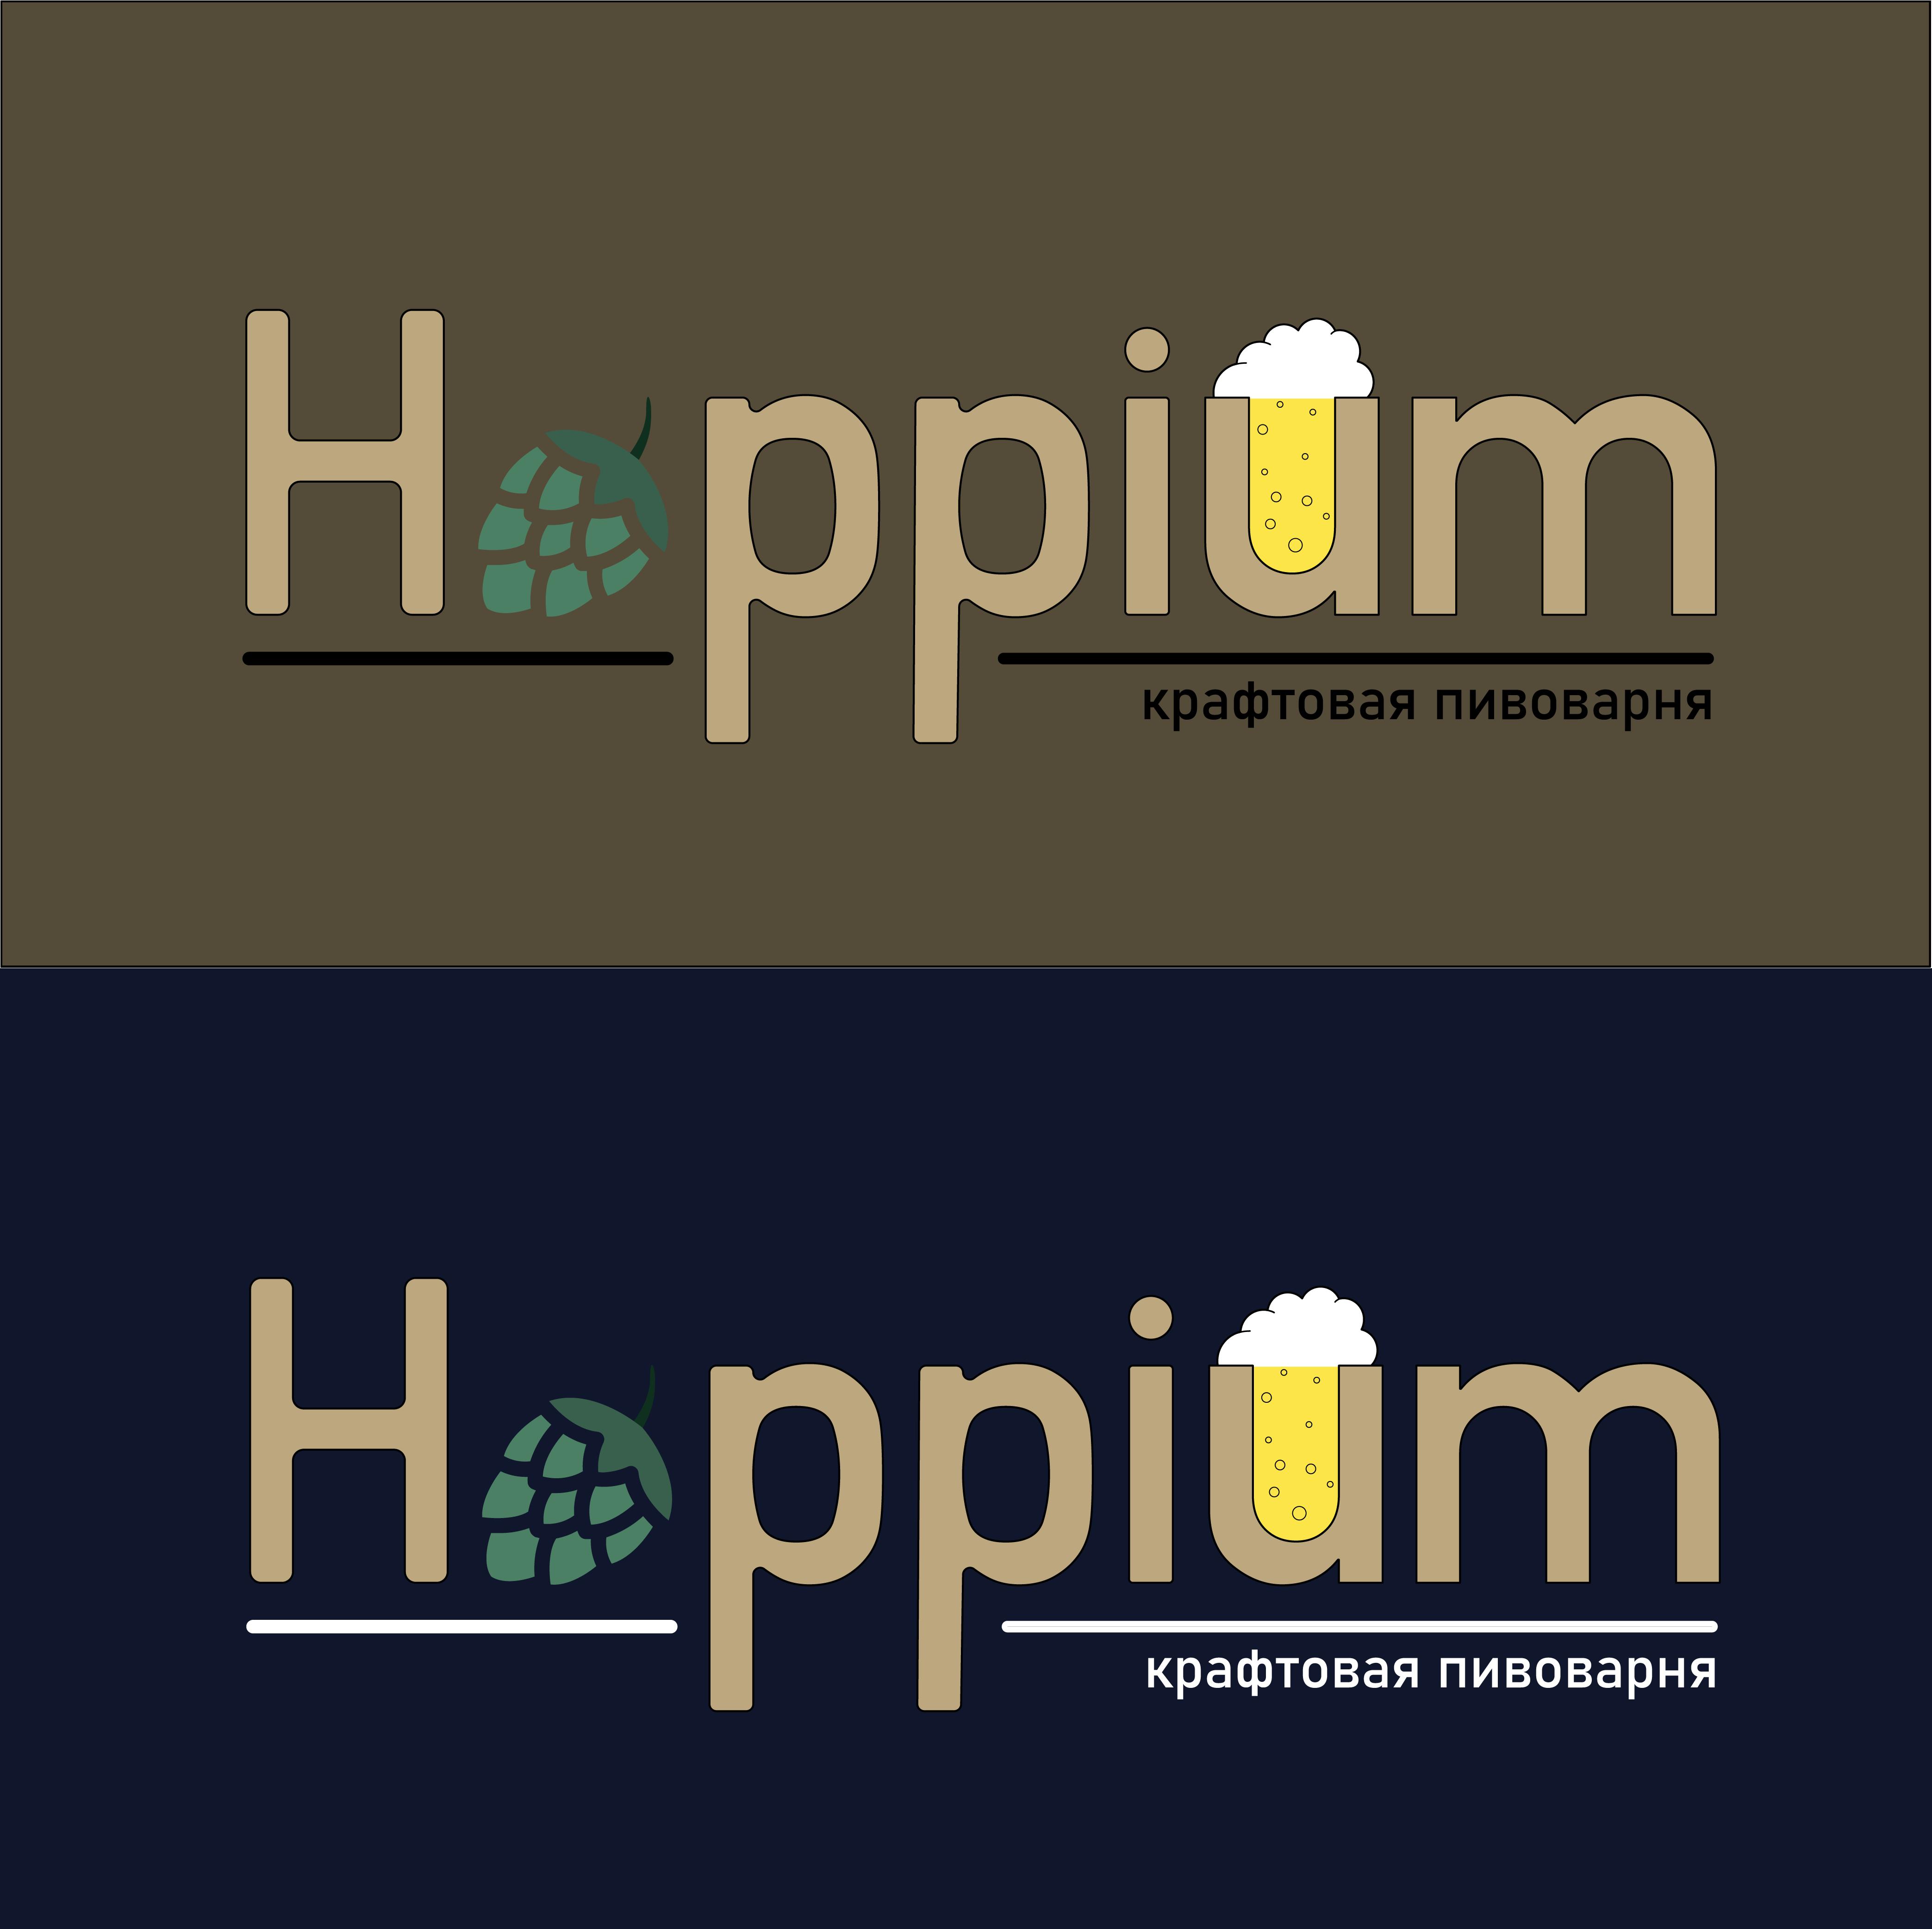 Логотип + Ценники для подмосковной крафтовой пивоварни фото f_9355dbd8bbeb25e6.png